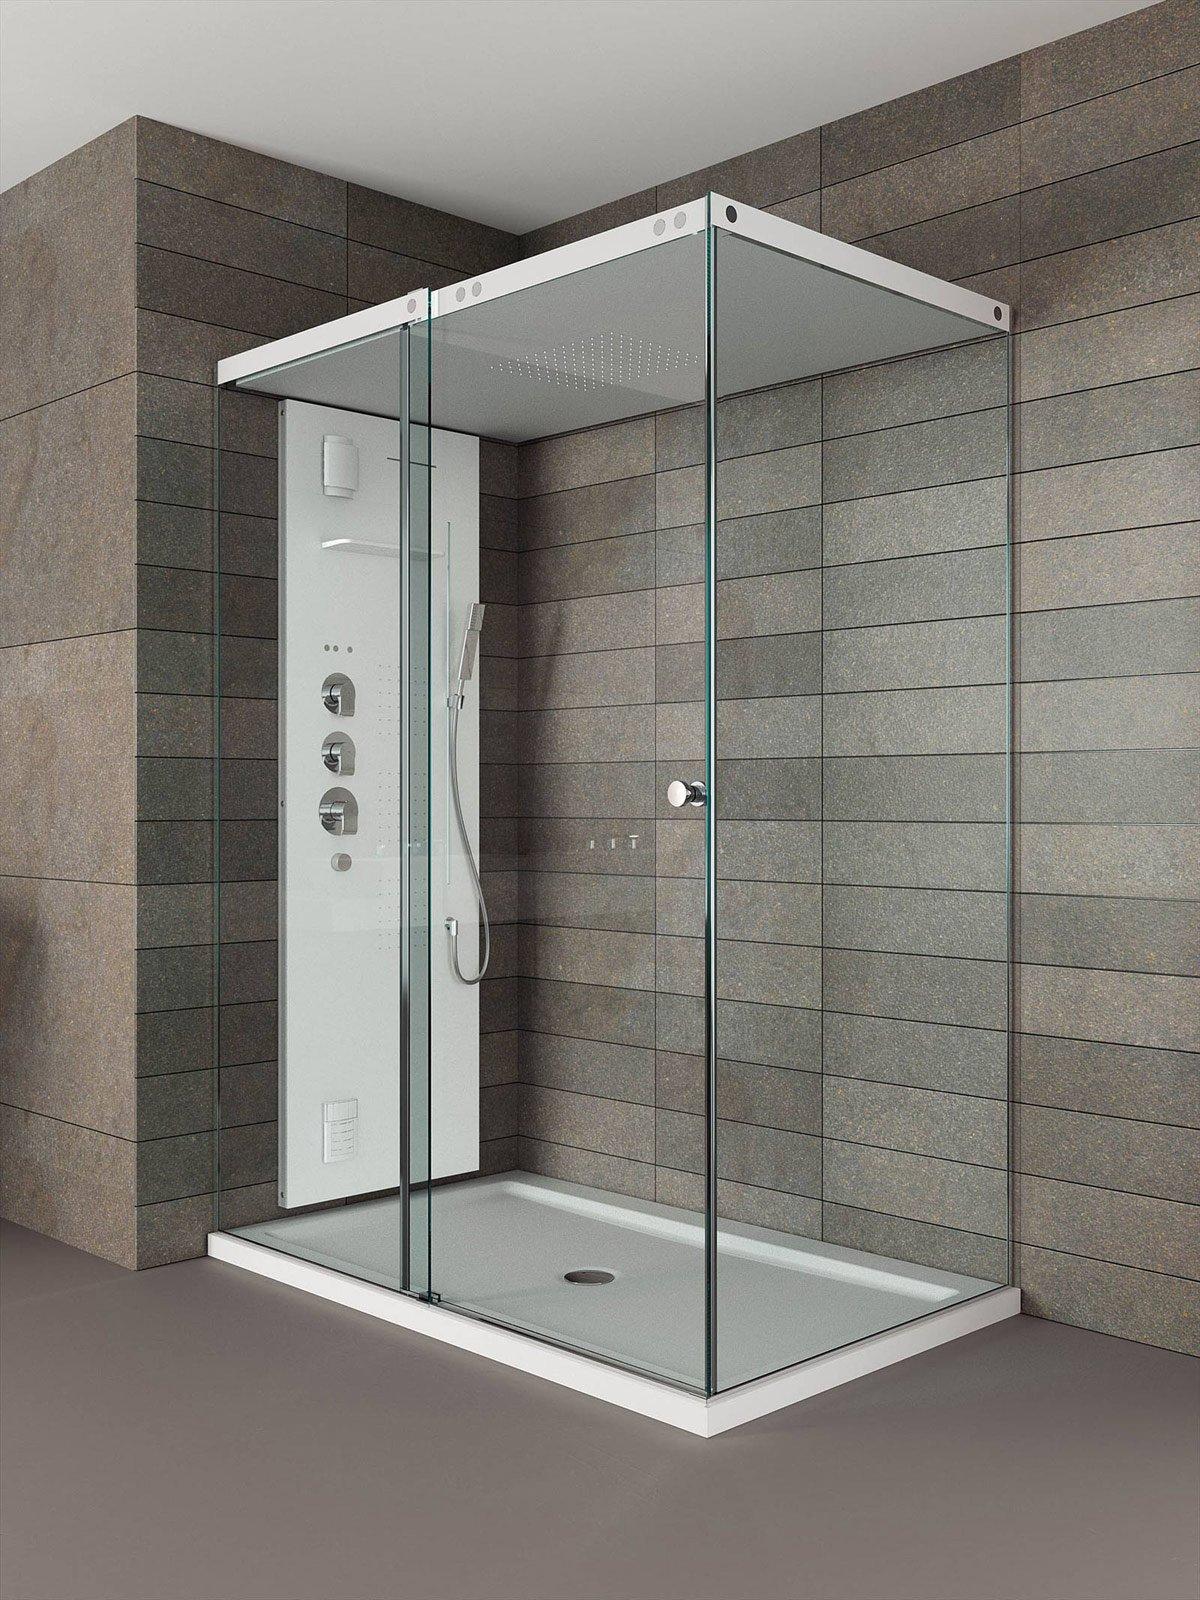 Bagno come attrezzarlo per il tuo benessere cose di casa - Porte per bagni ...